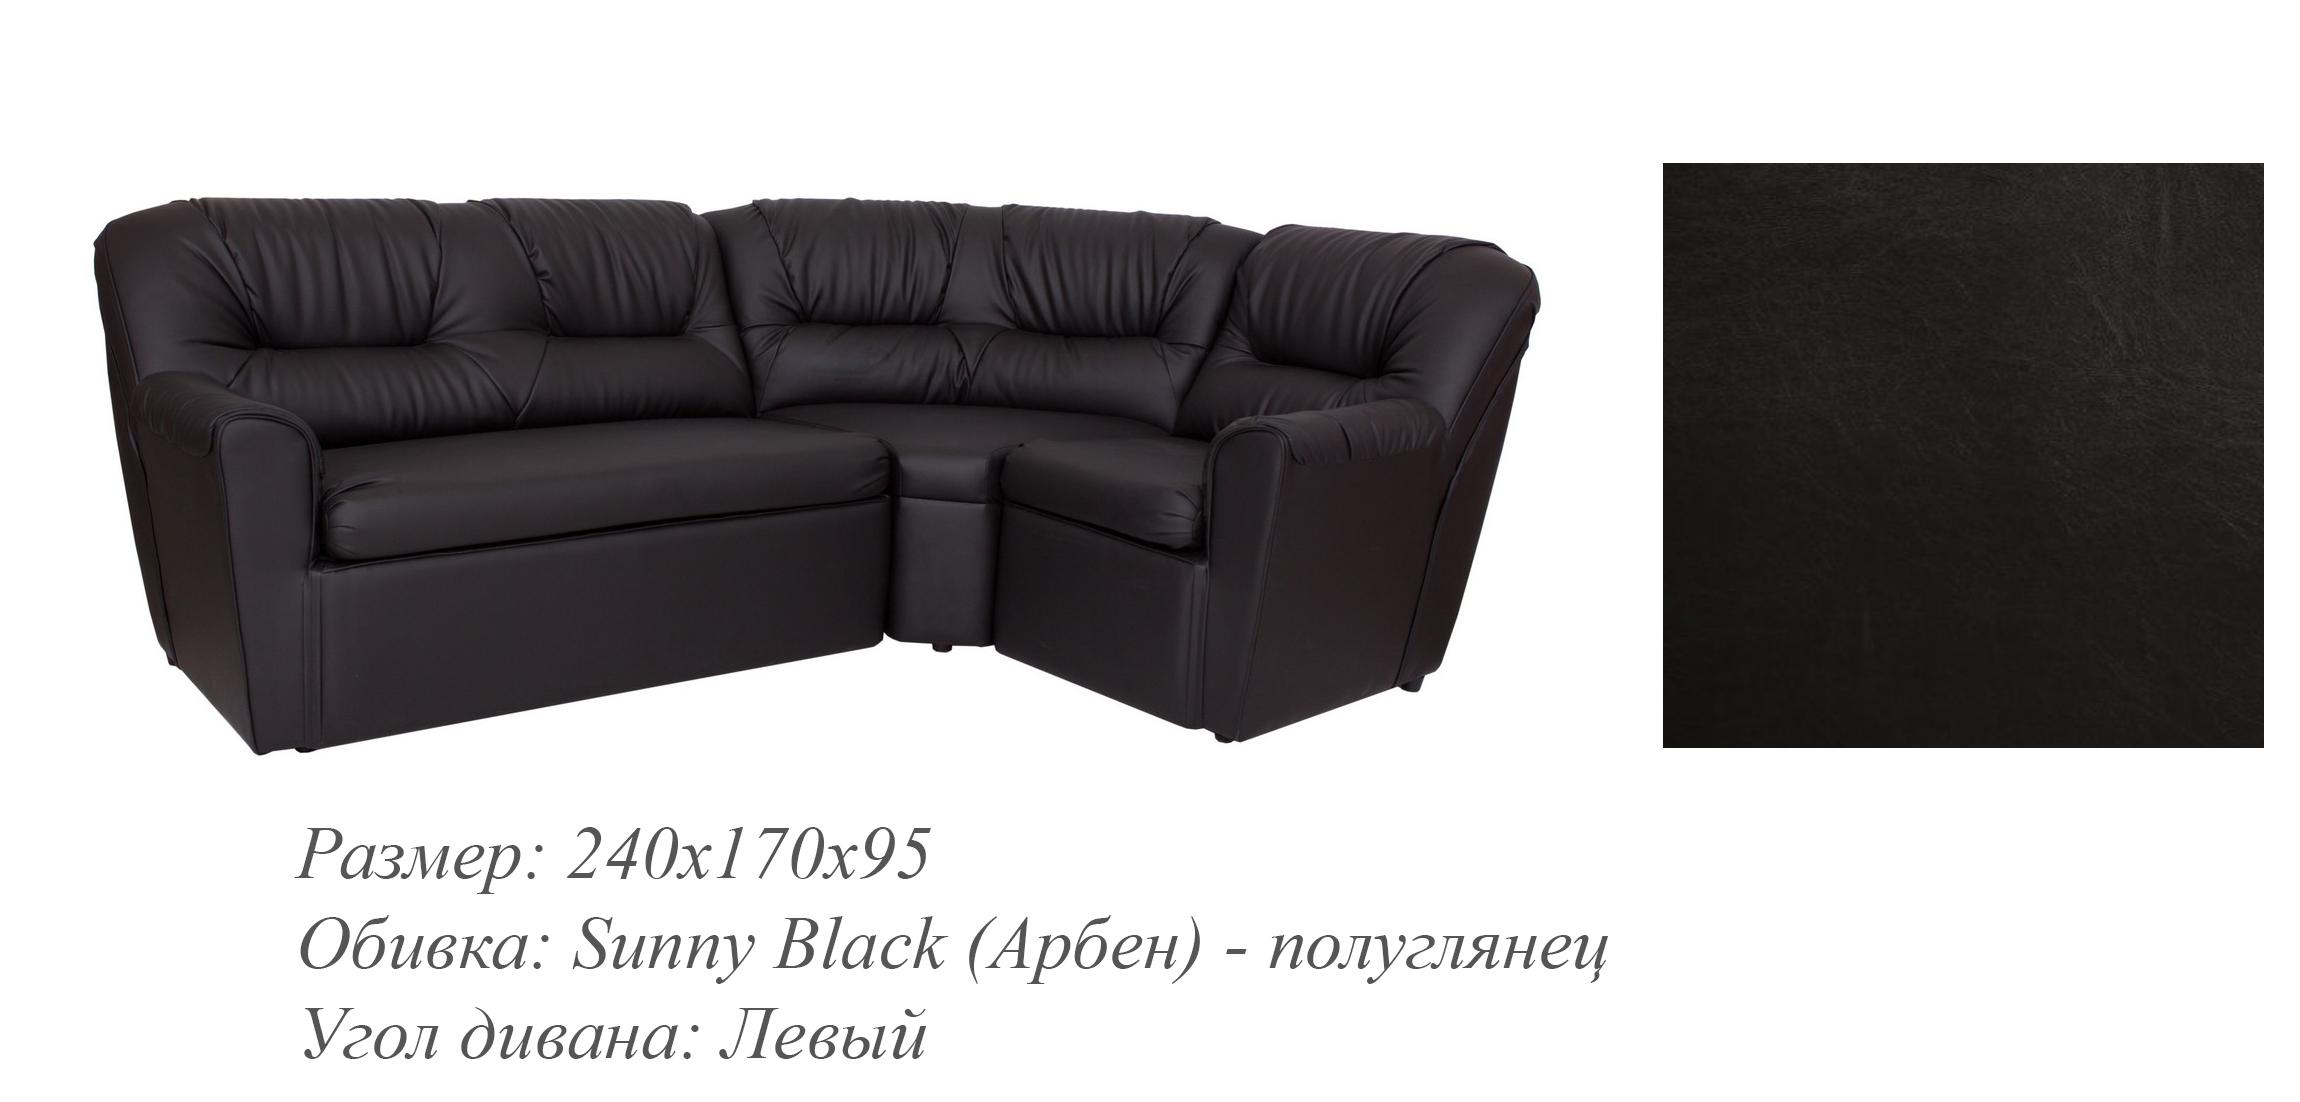 Модульный угловой диван Орион-3 - SUNNY — Модульный угловой диван Орион-3